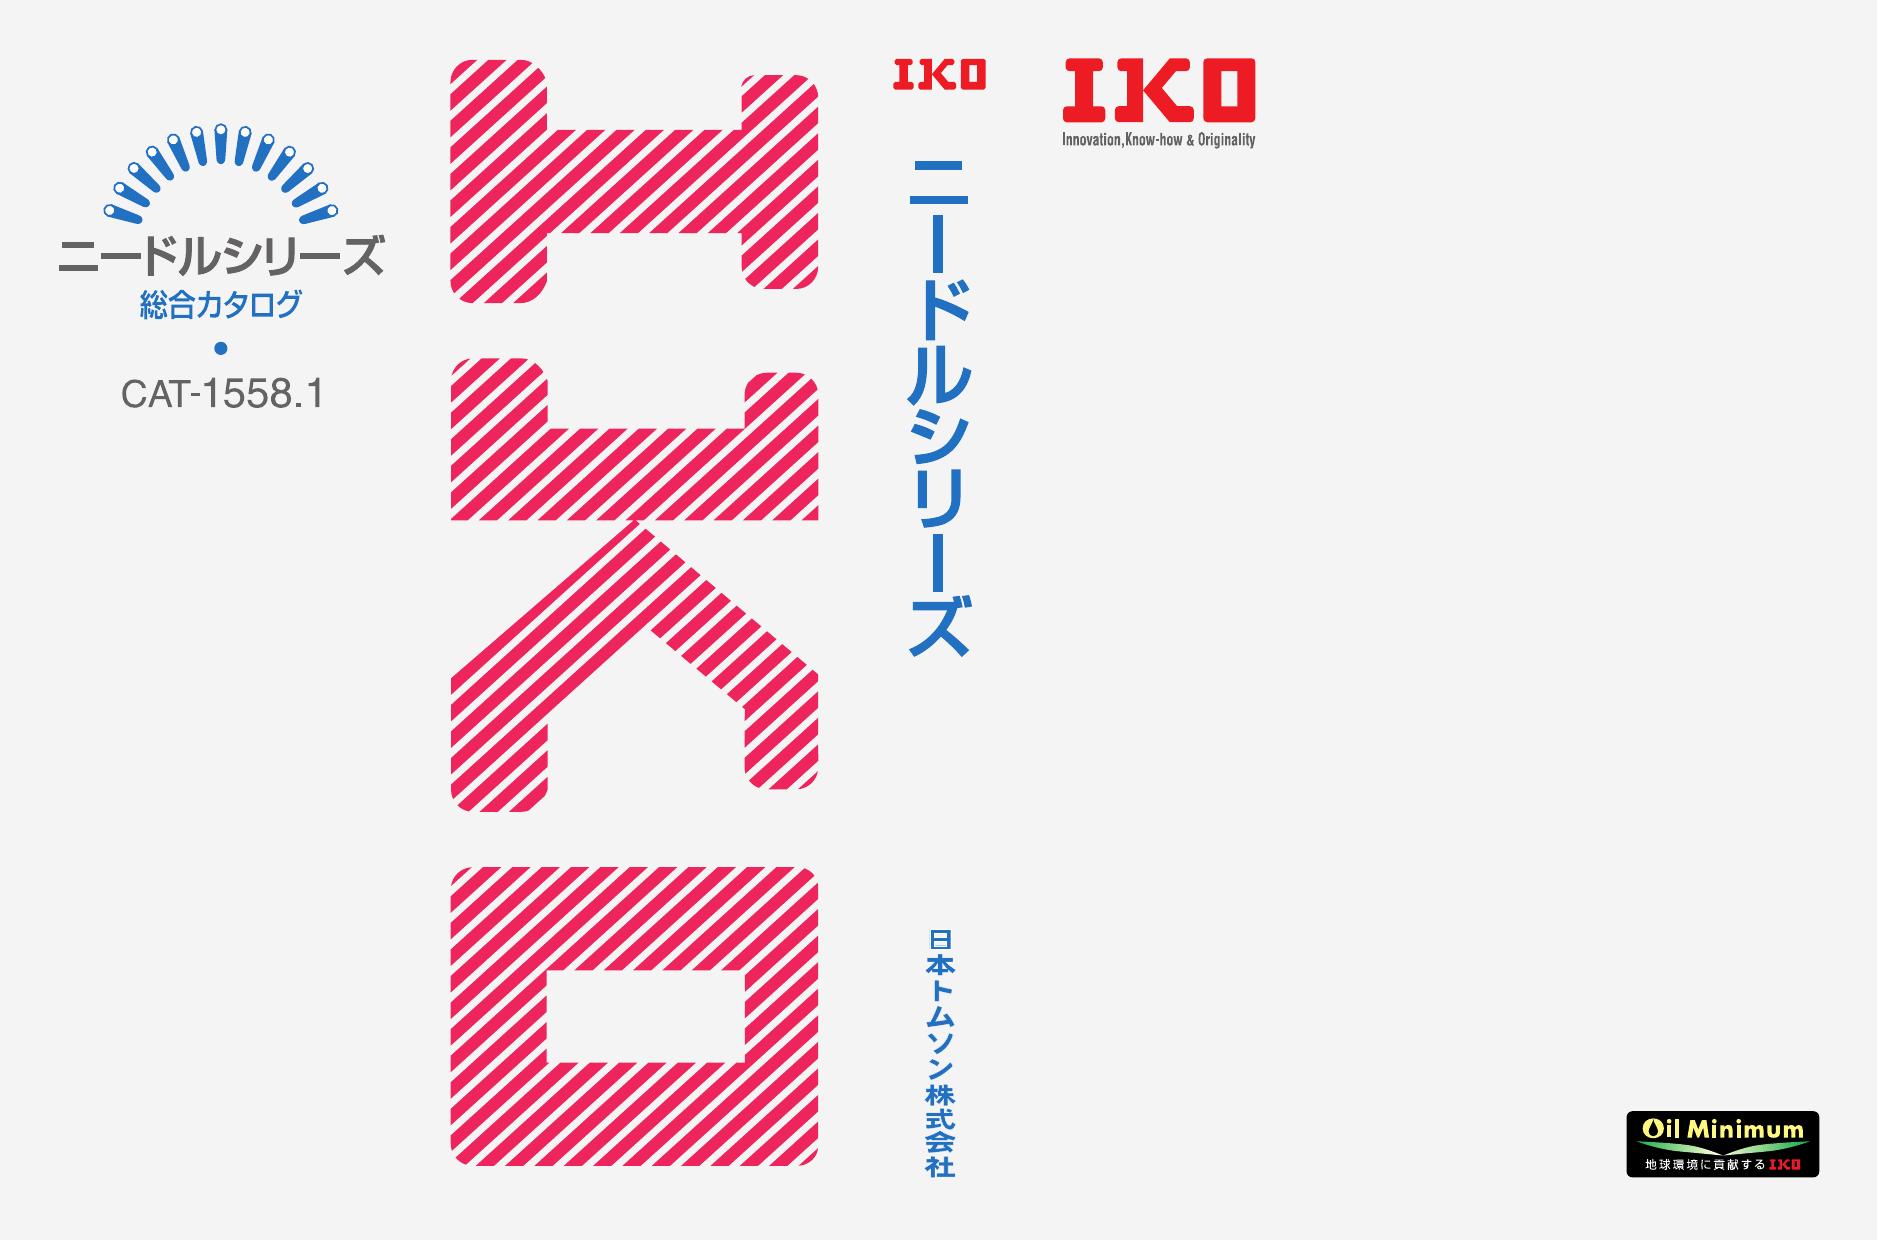 ニードルシリーズ総合カタログ